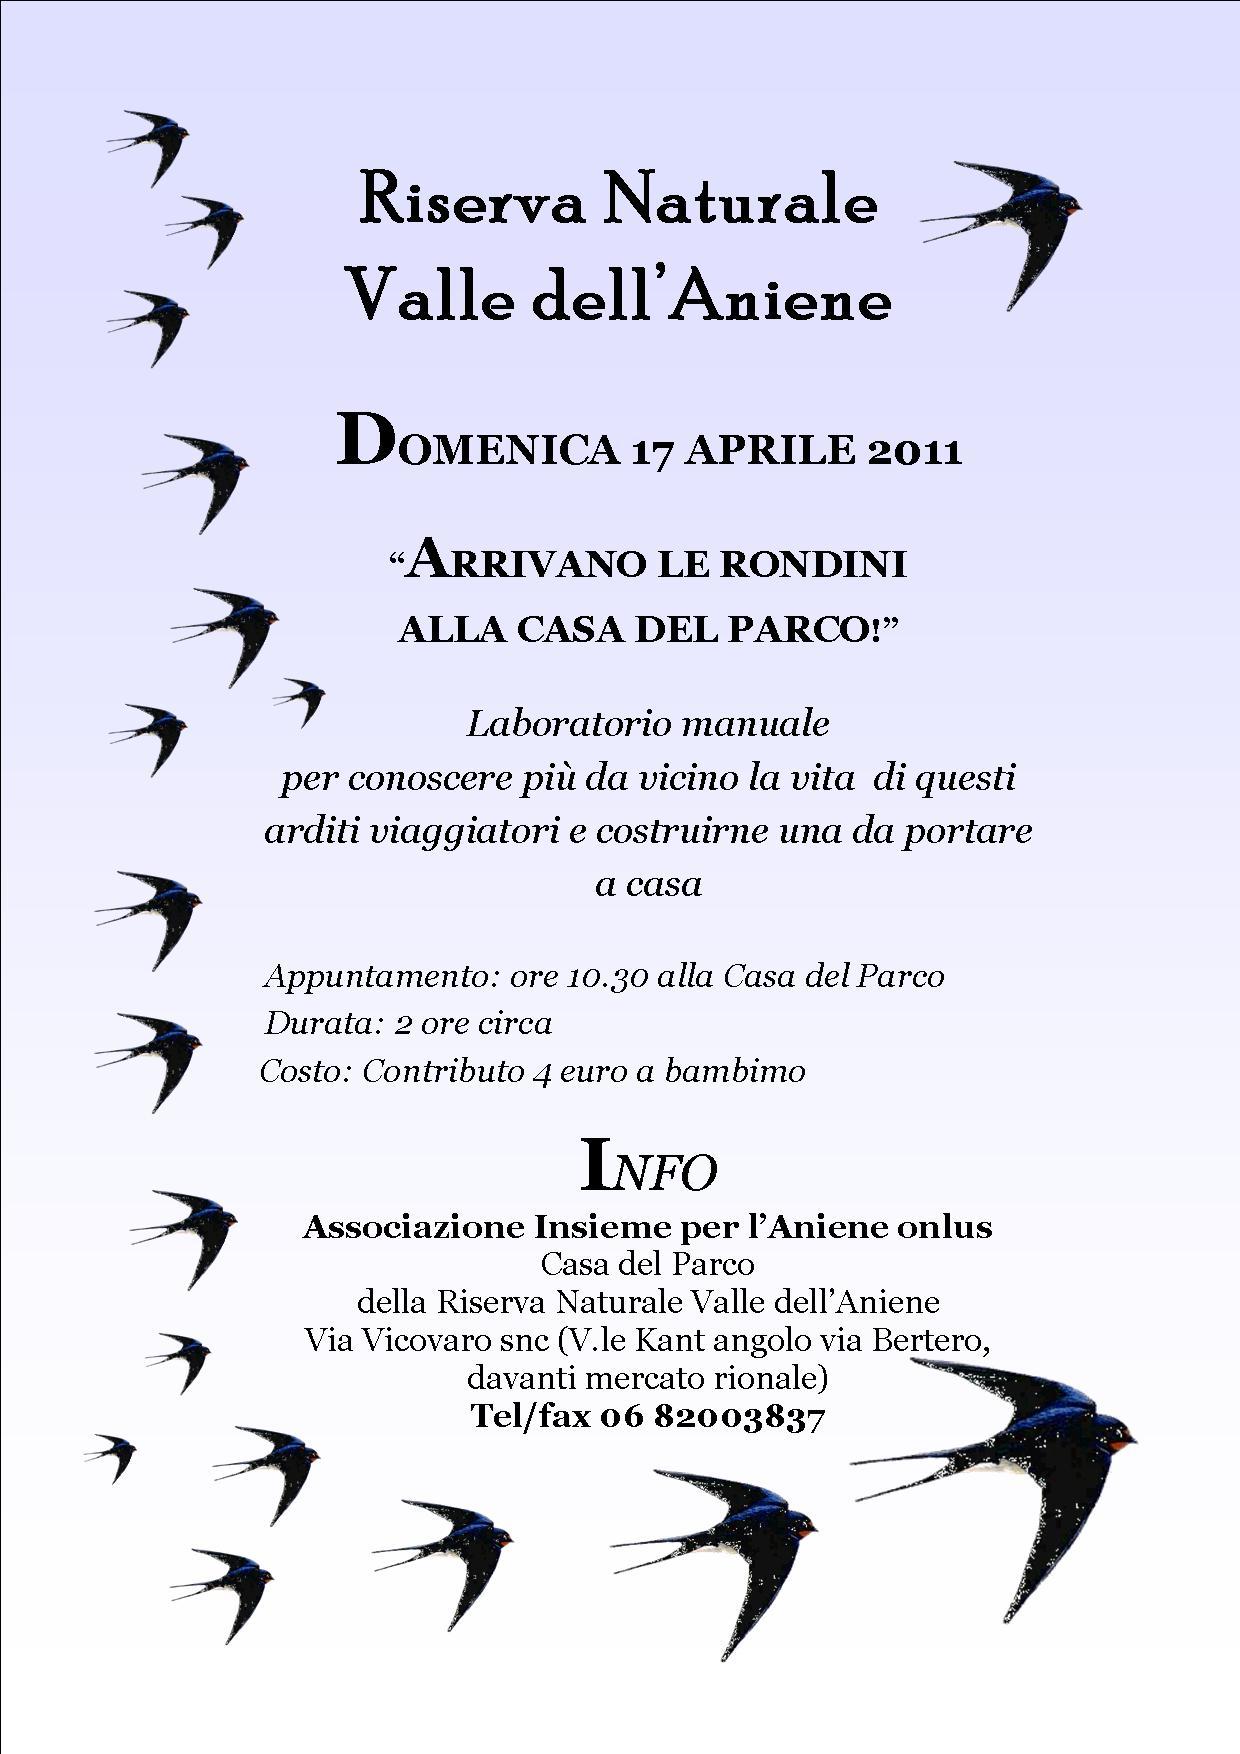 17 APRILE 2011 ARRIVANO LE RONDINI ALLA CASA DEL PARCO